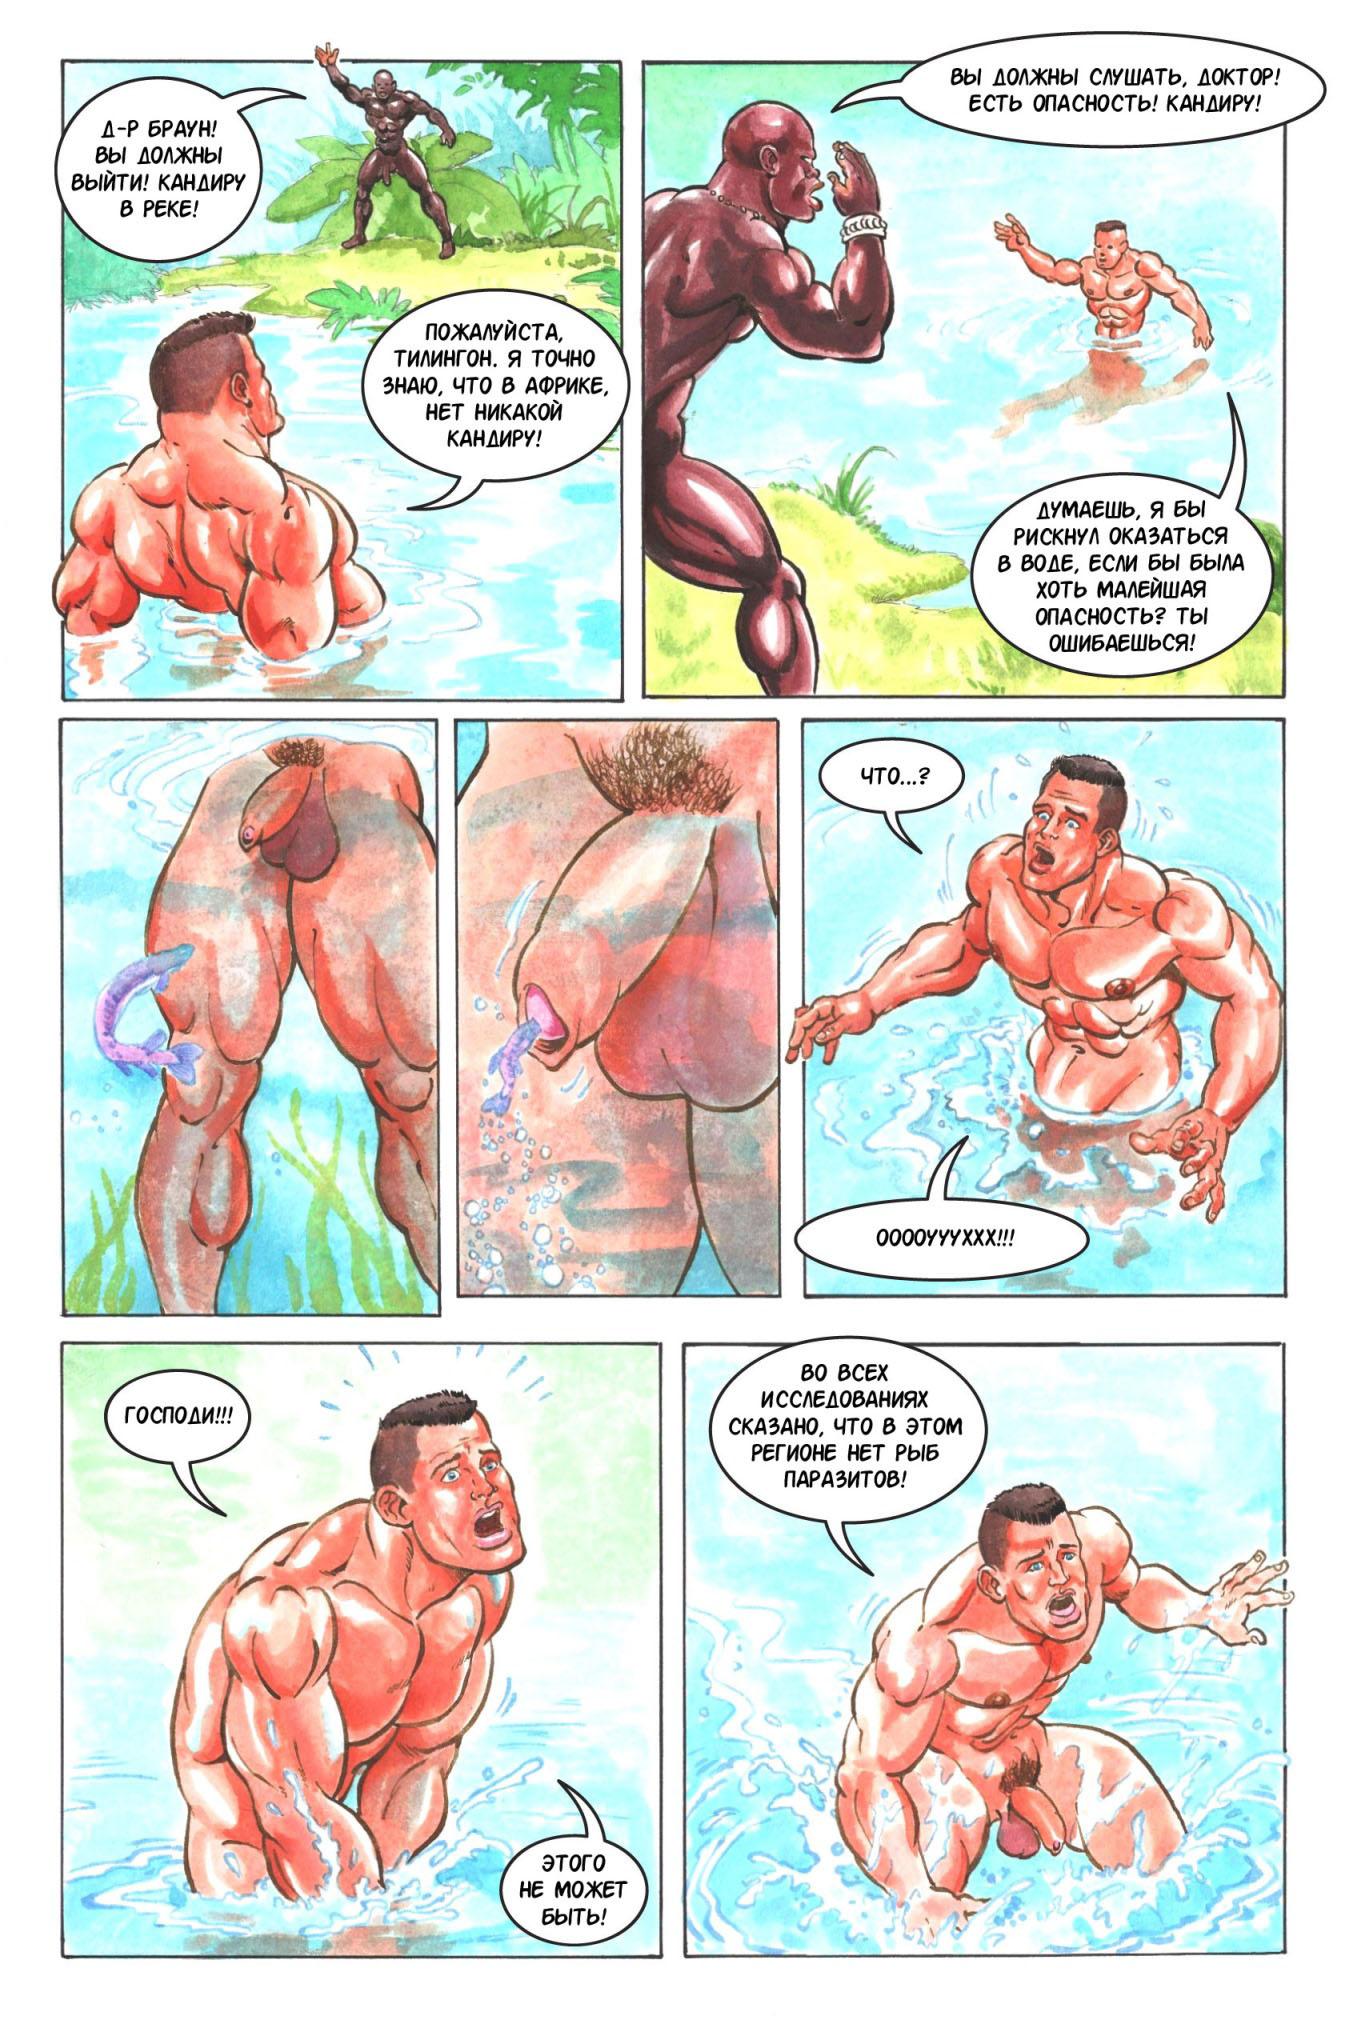 Сексуальные приключения на девичнике в эротическом комиксе